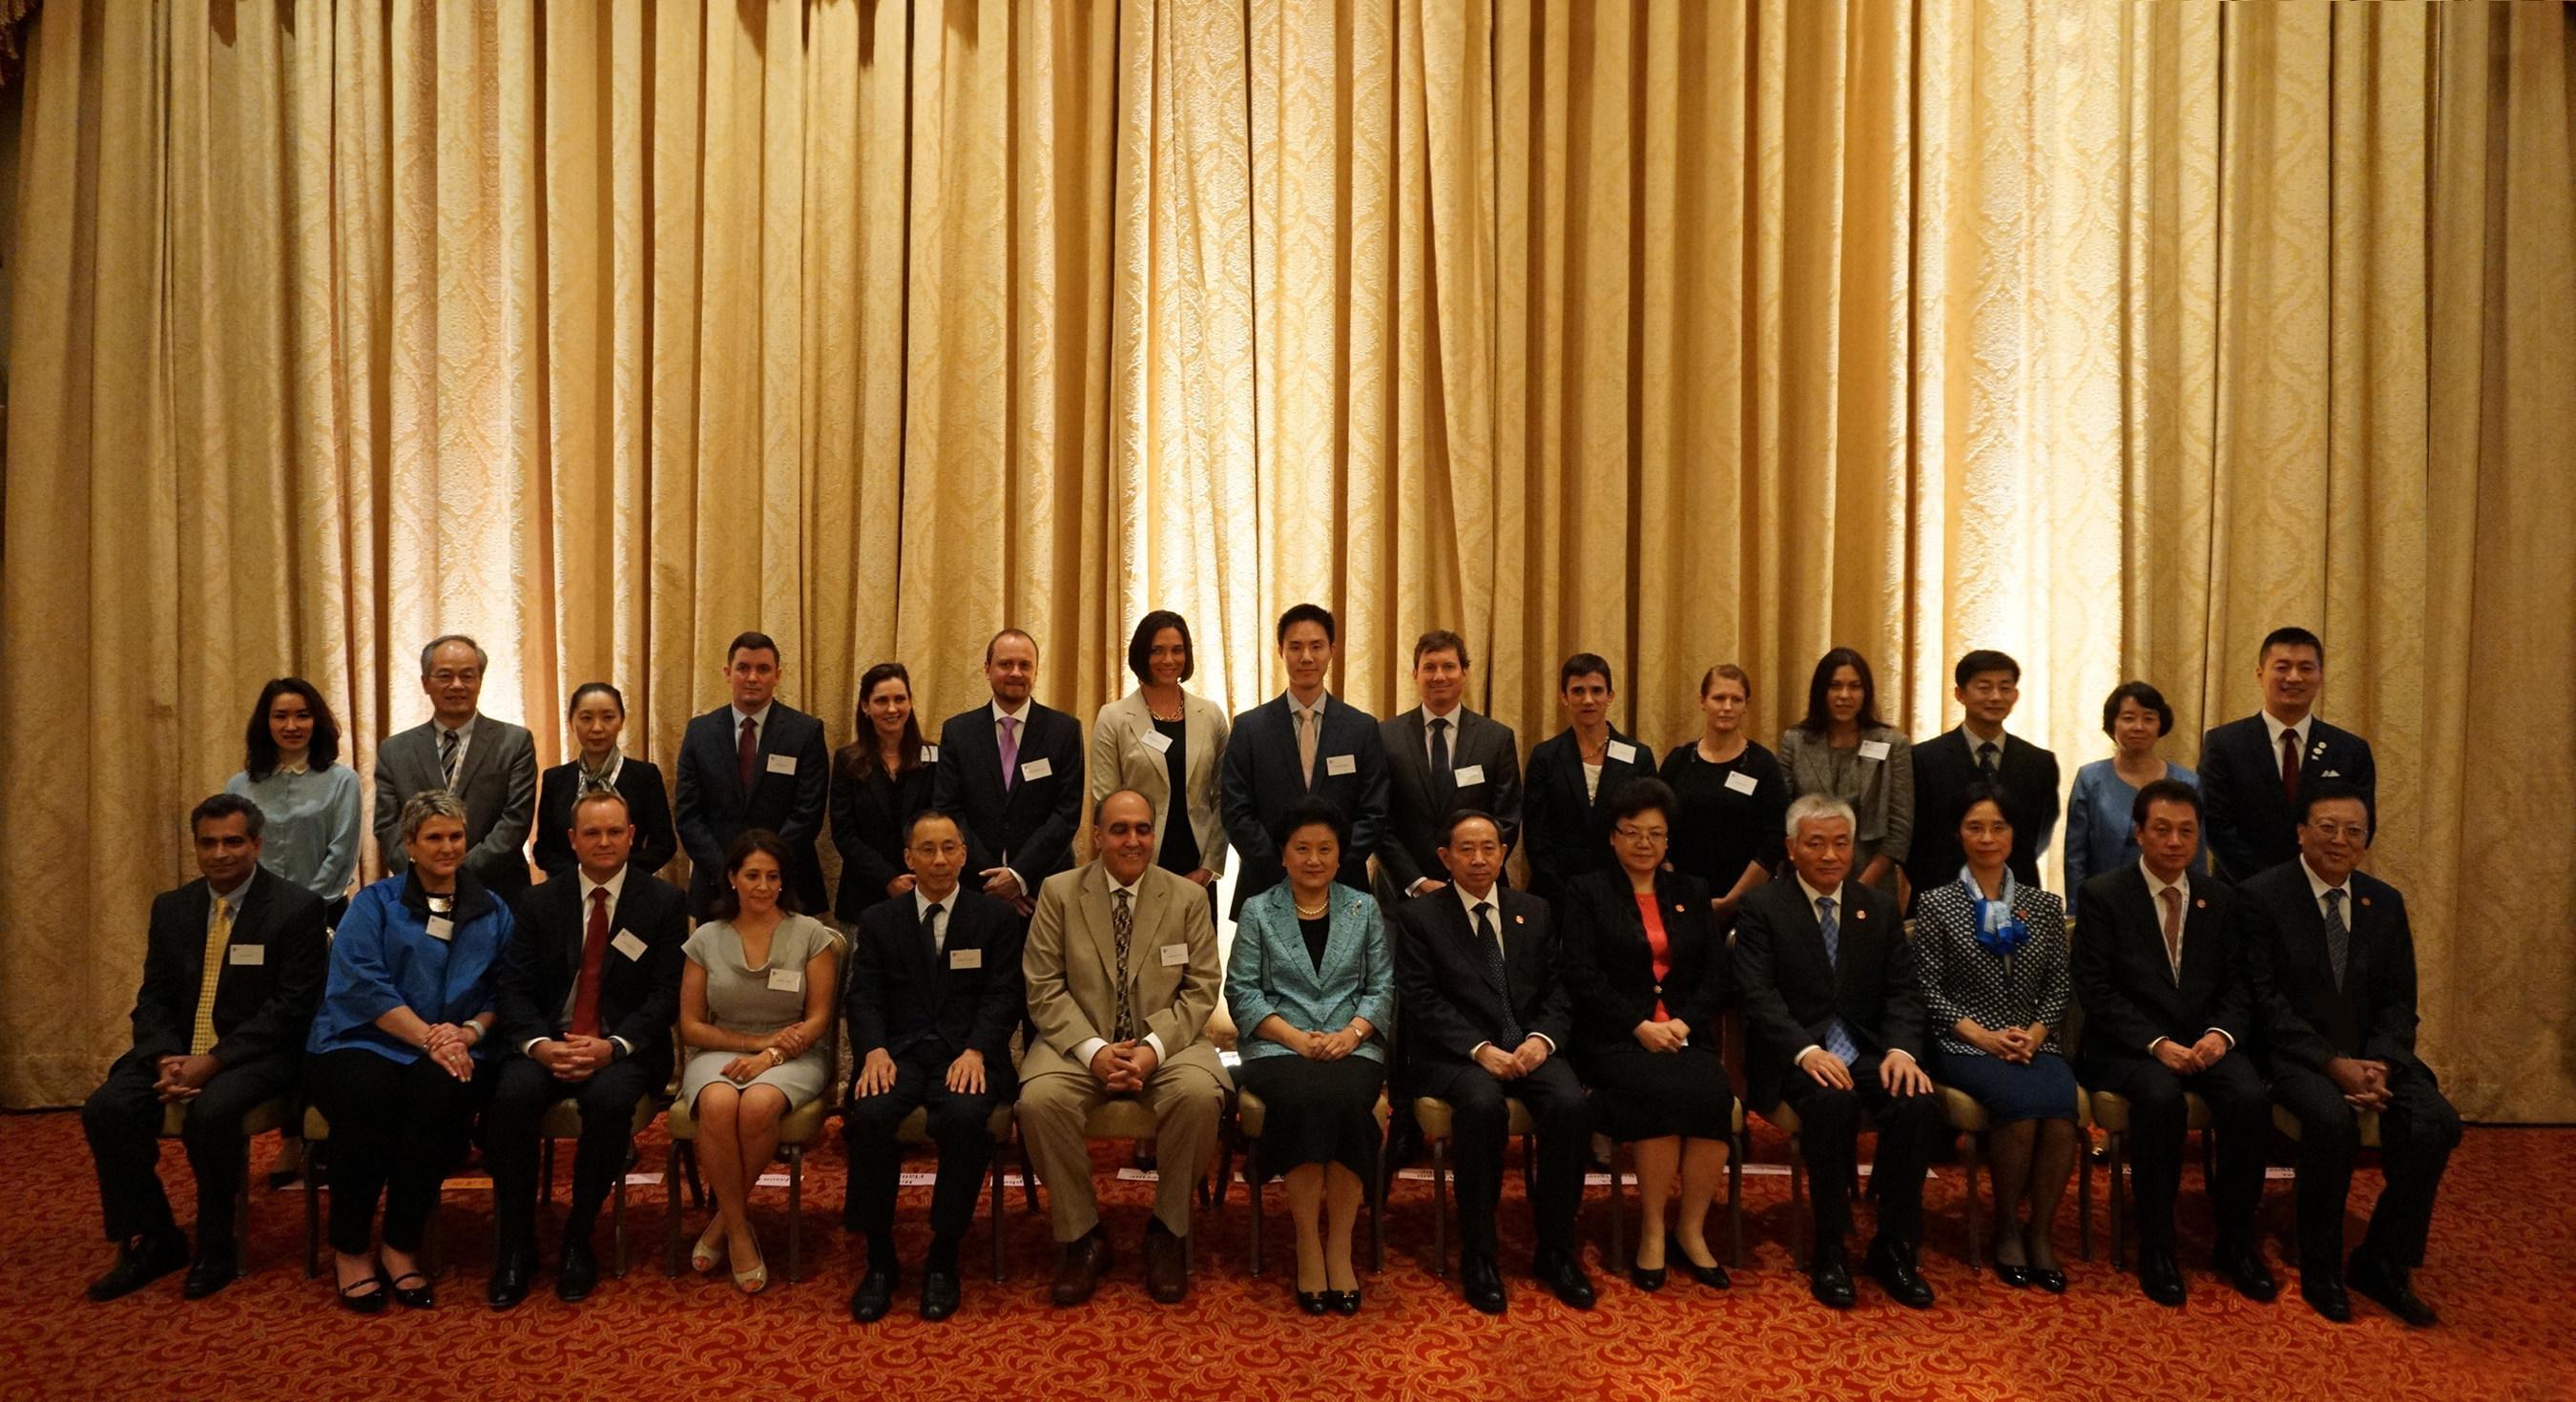 Perfect World annuncia il nuovo traguardo raggiunto dal Programma Zhi-Xing China